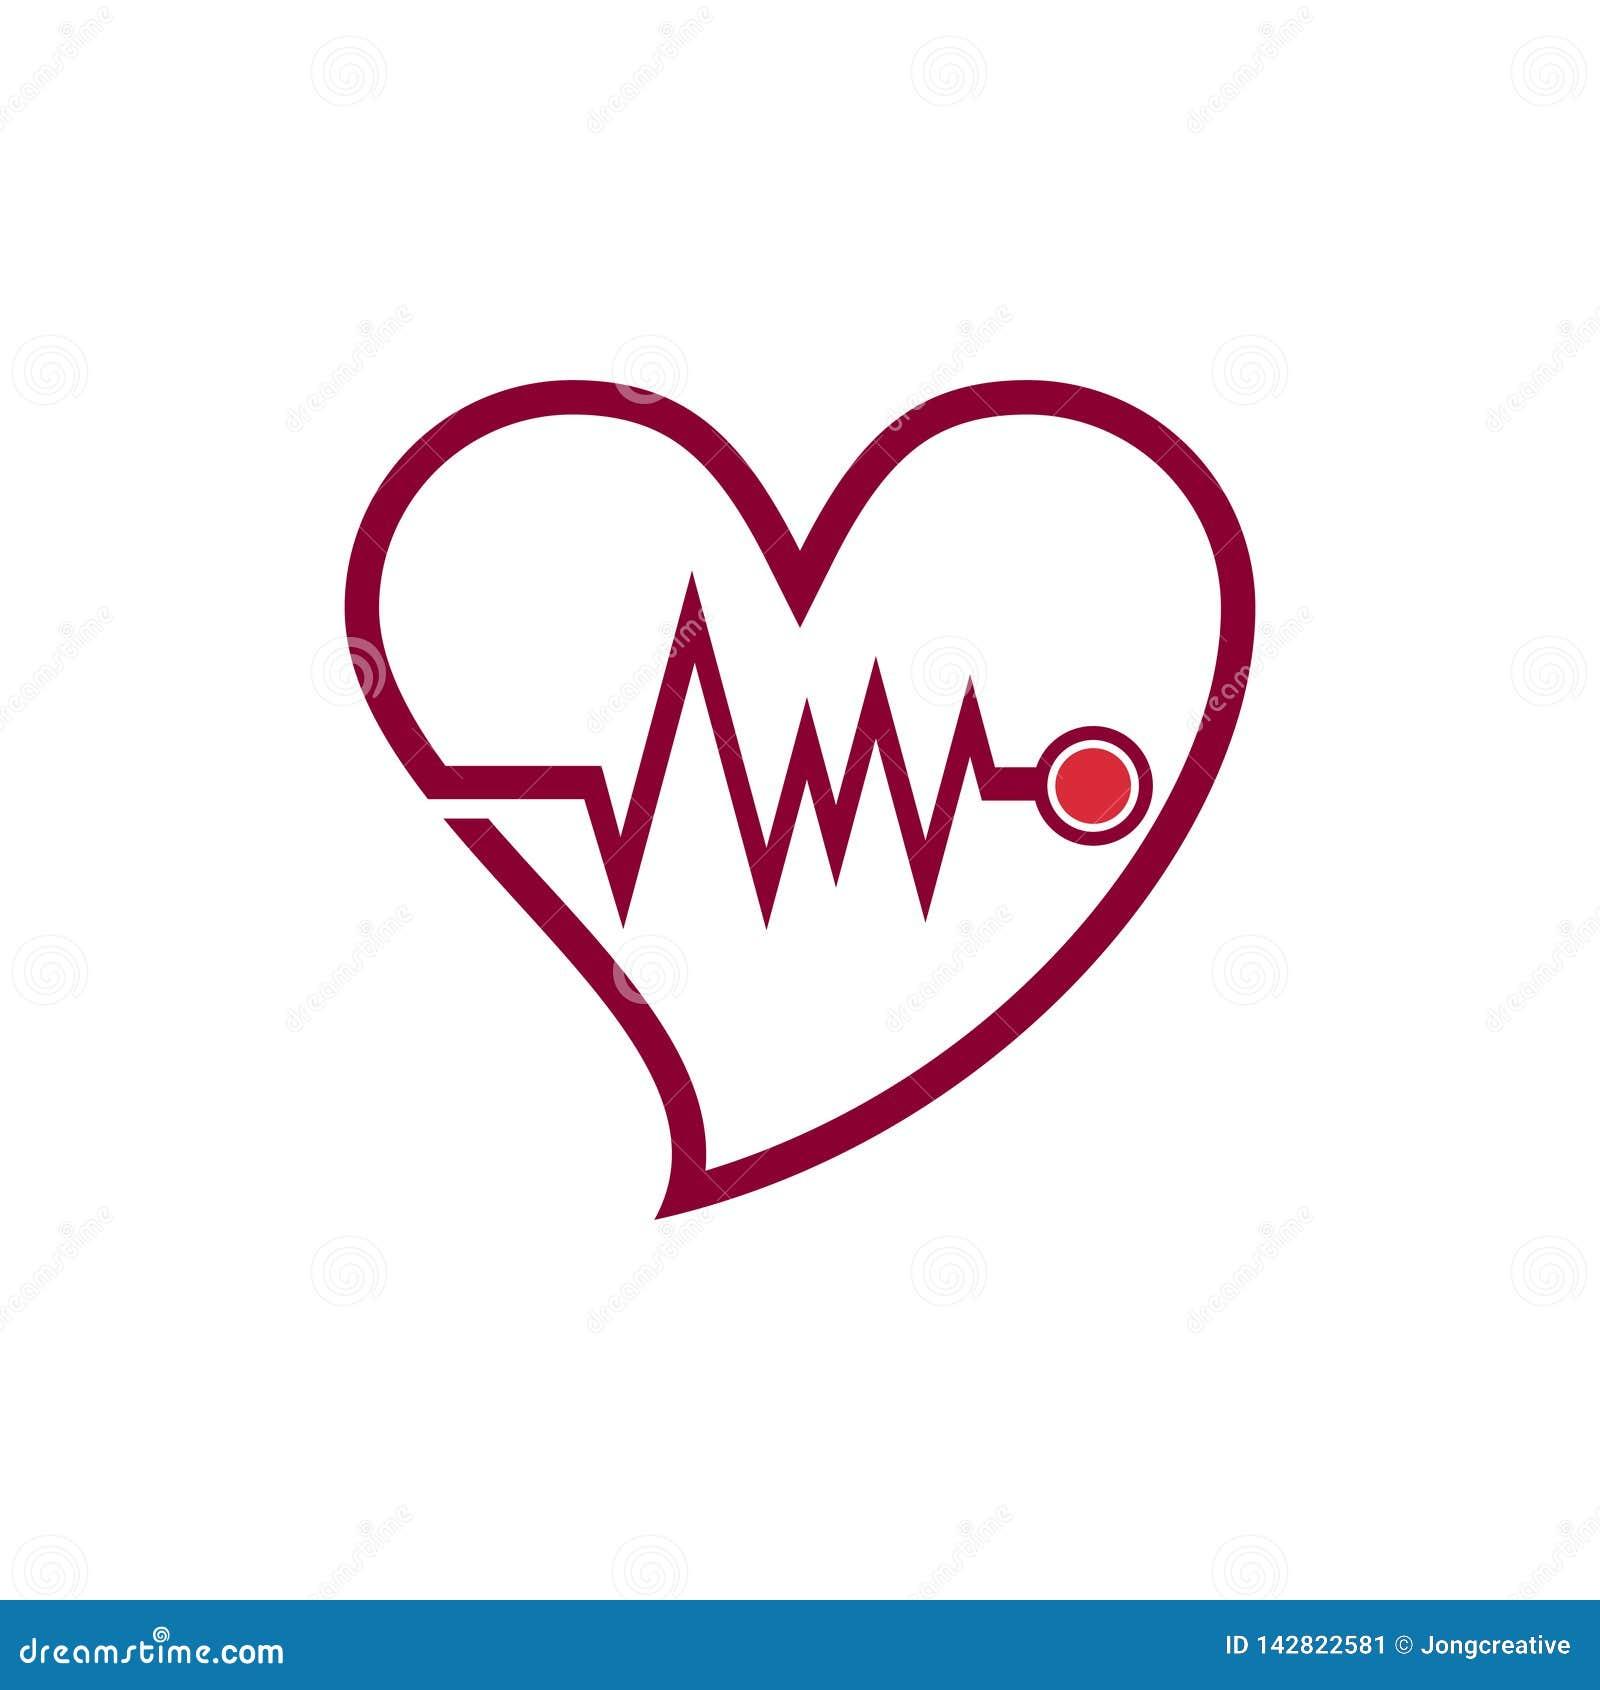 El doctor cardiaco Love Care Line Logo Icon del corazón del latido del corazón